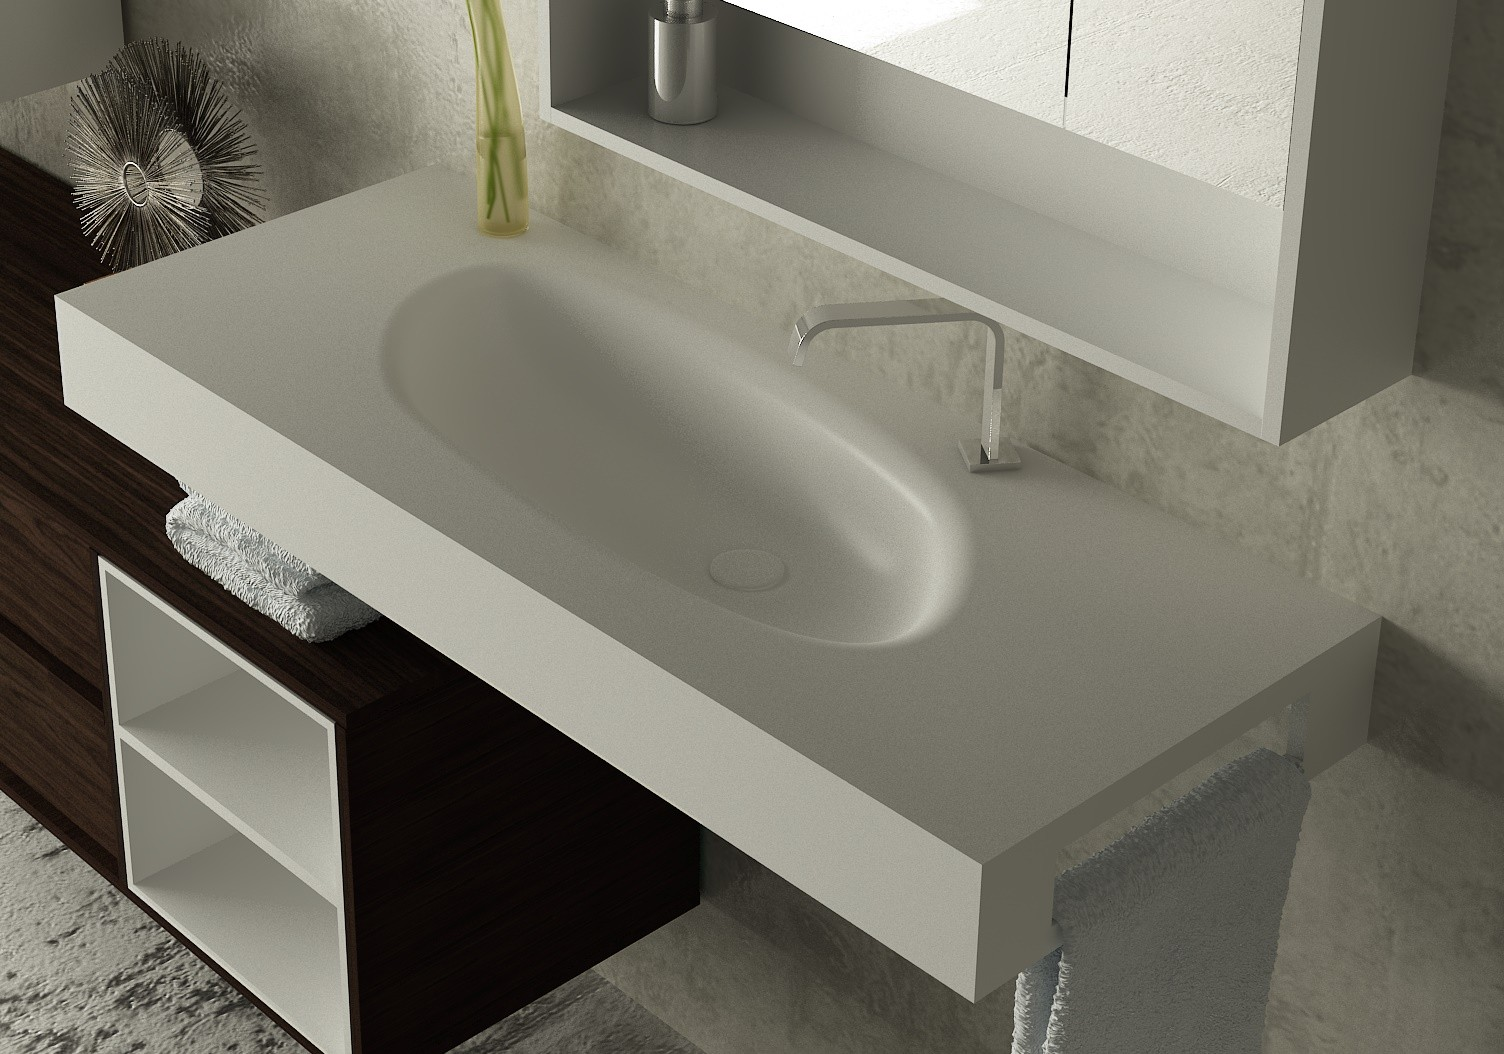 Lavabo sun plus corian lavabos lavabos fabricados completamente a medida - Lavabos a medida ...